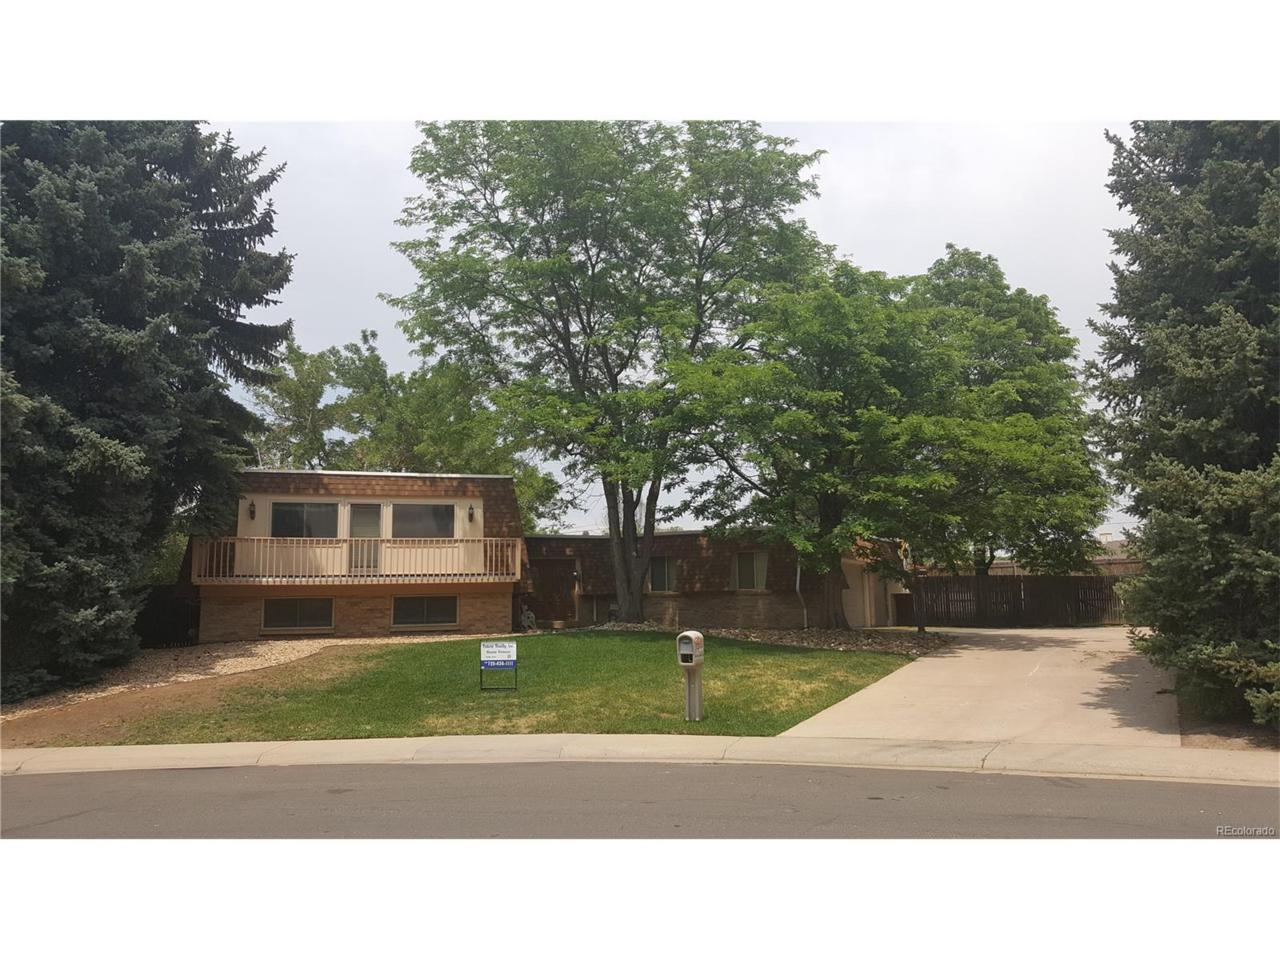 2121 S Dallas Street, Denver, CO 80231 (MLS #3981562) :: 8z Real Estate